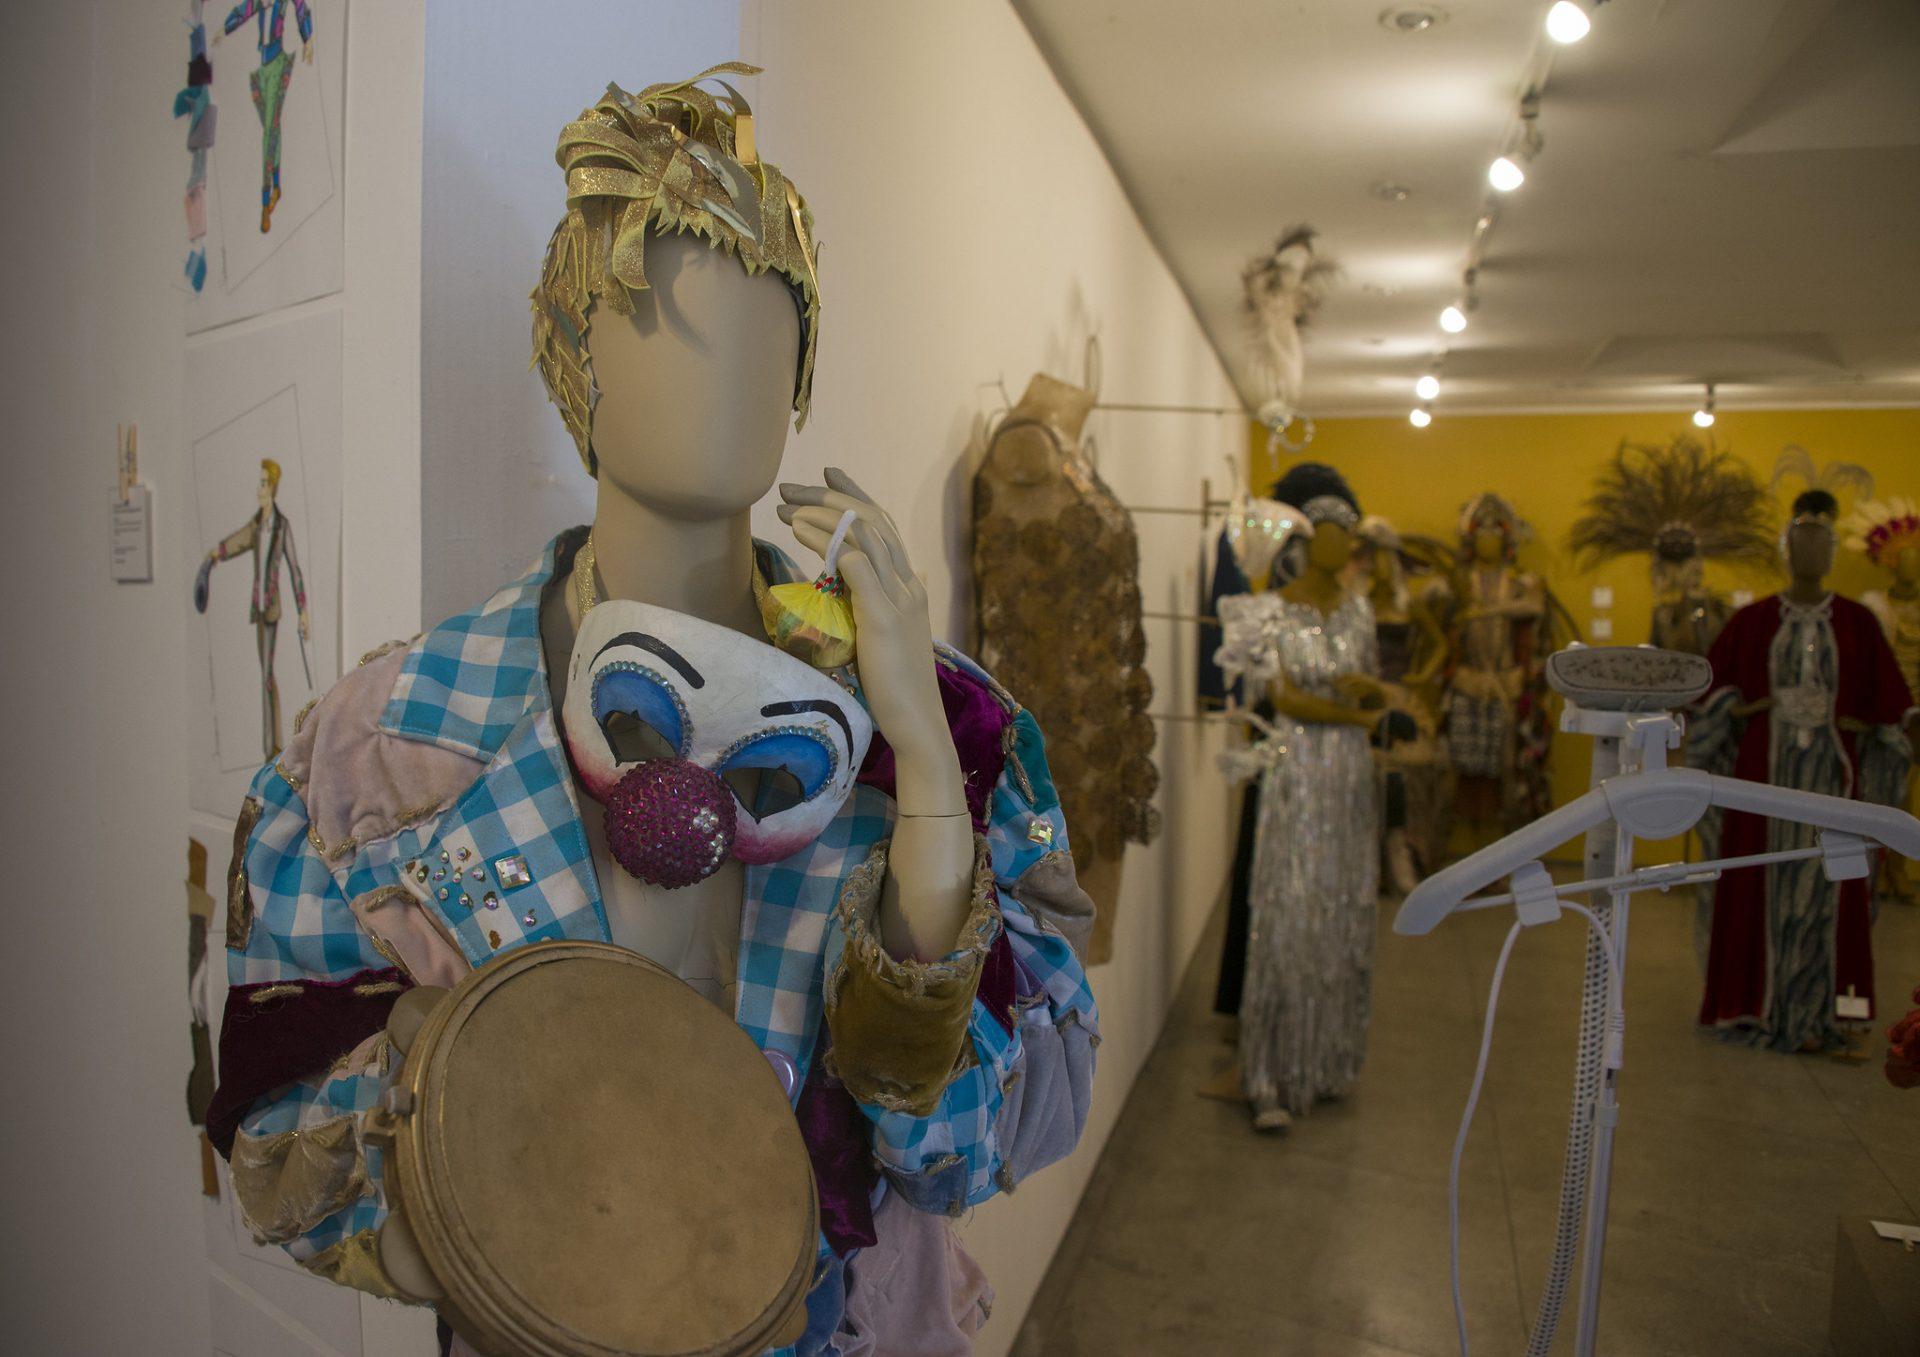 Roupa de palhaço feita de material reciclado fez parte de desfile da Mangueira e é um dos figurinos do acervo de Rick Barboza